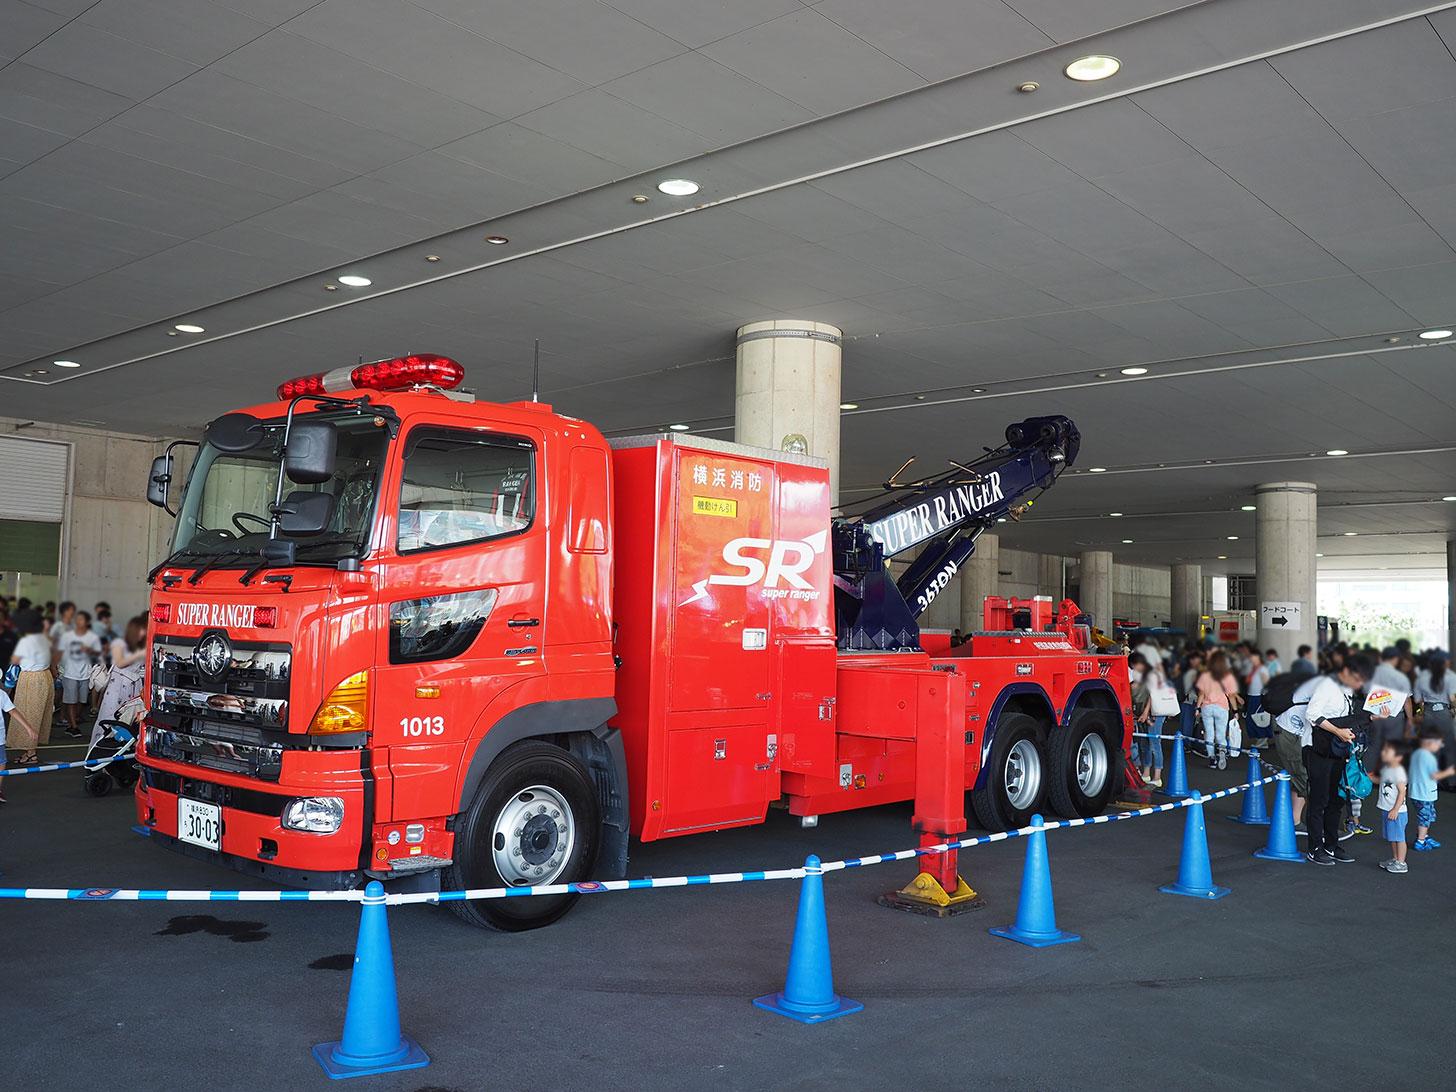 神奈川・横浜のりもの大集合!2019が開催、働くクルマやパトカー・消防車など